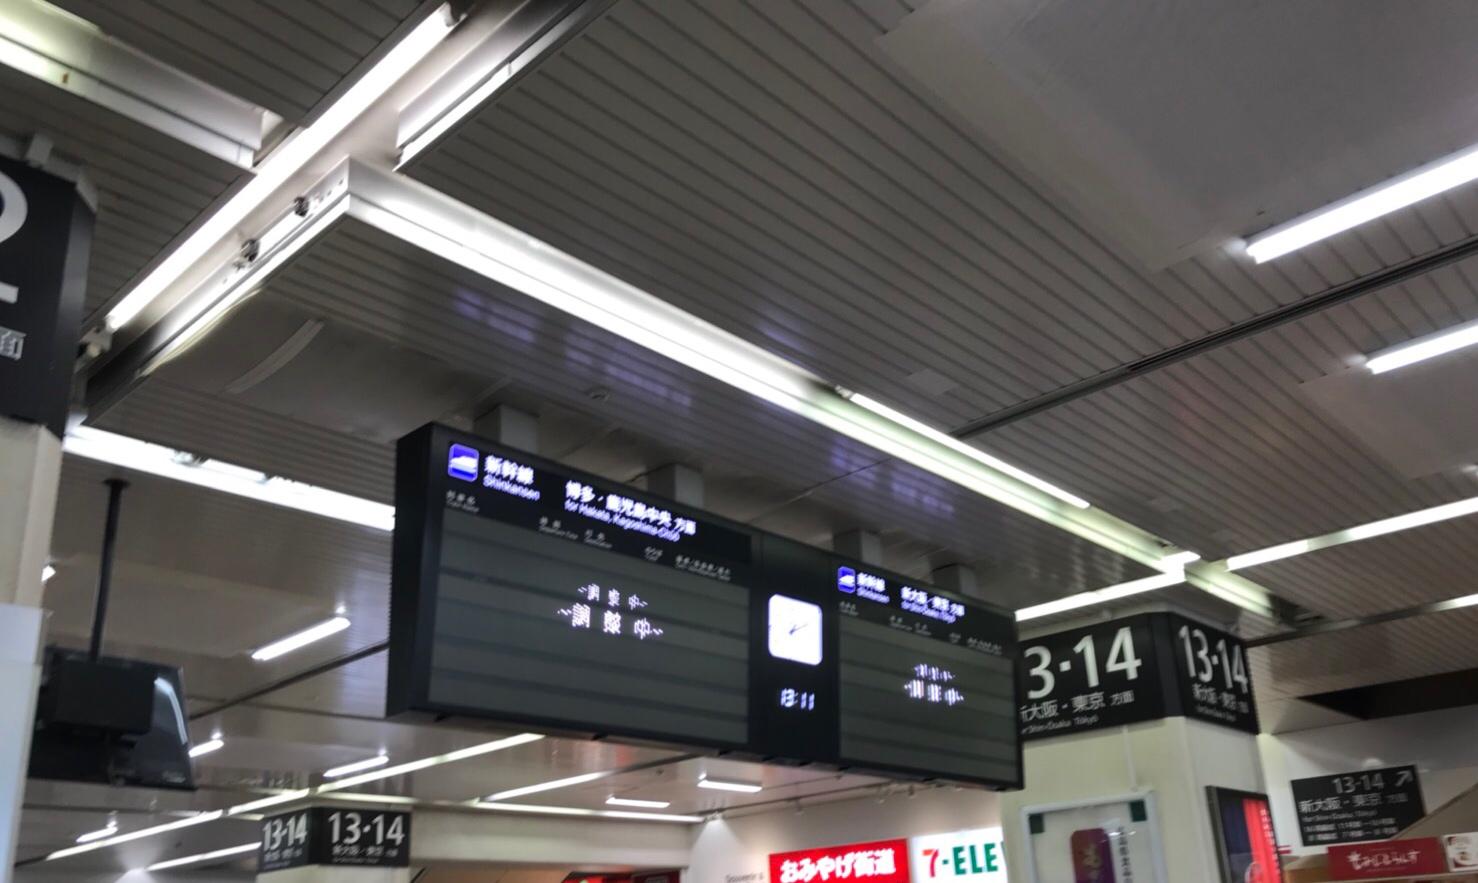 広島の豪雨の状況と今の直営店の状況